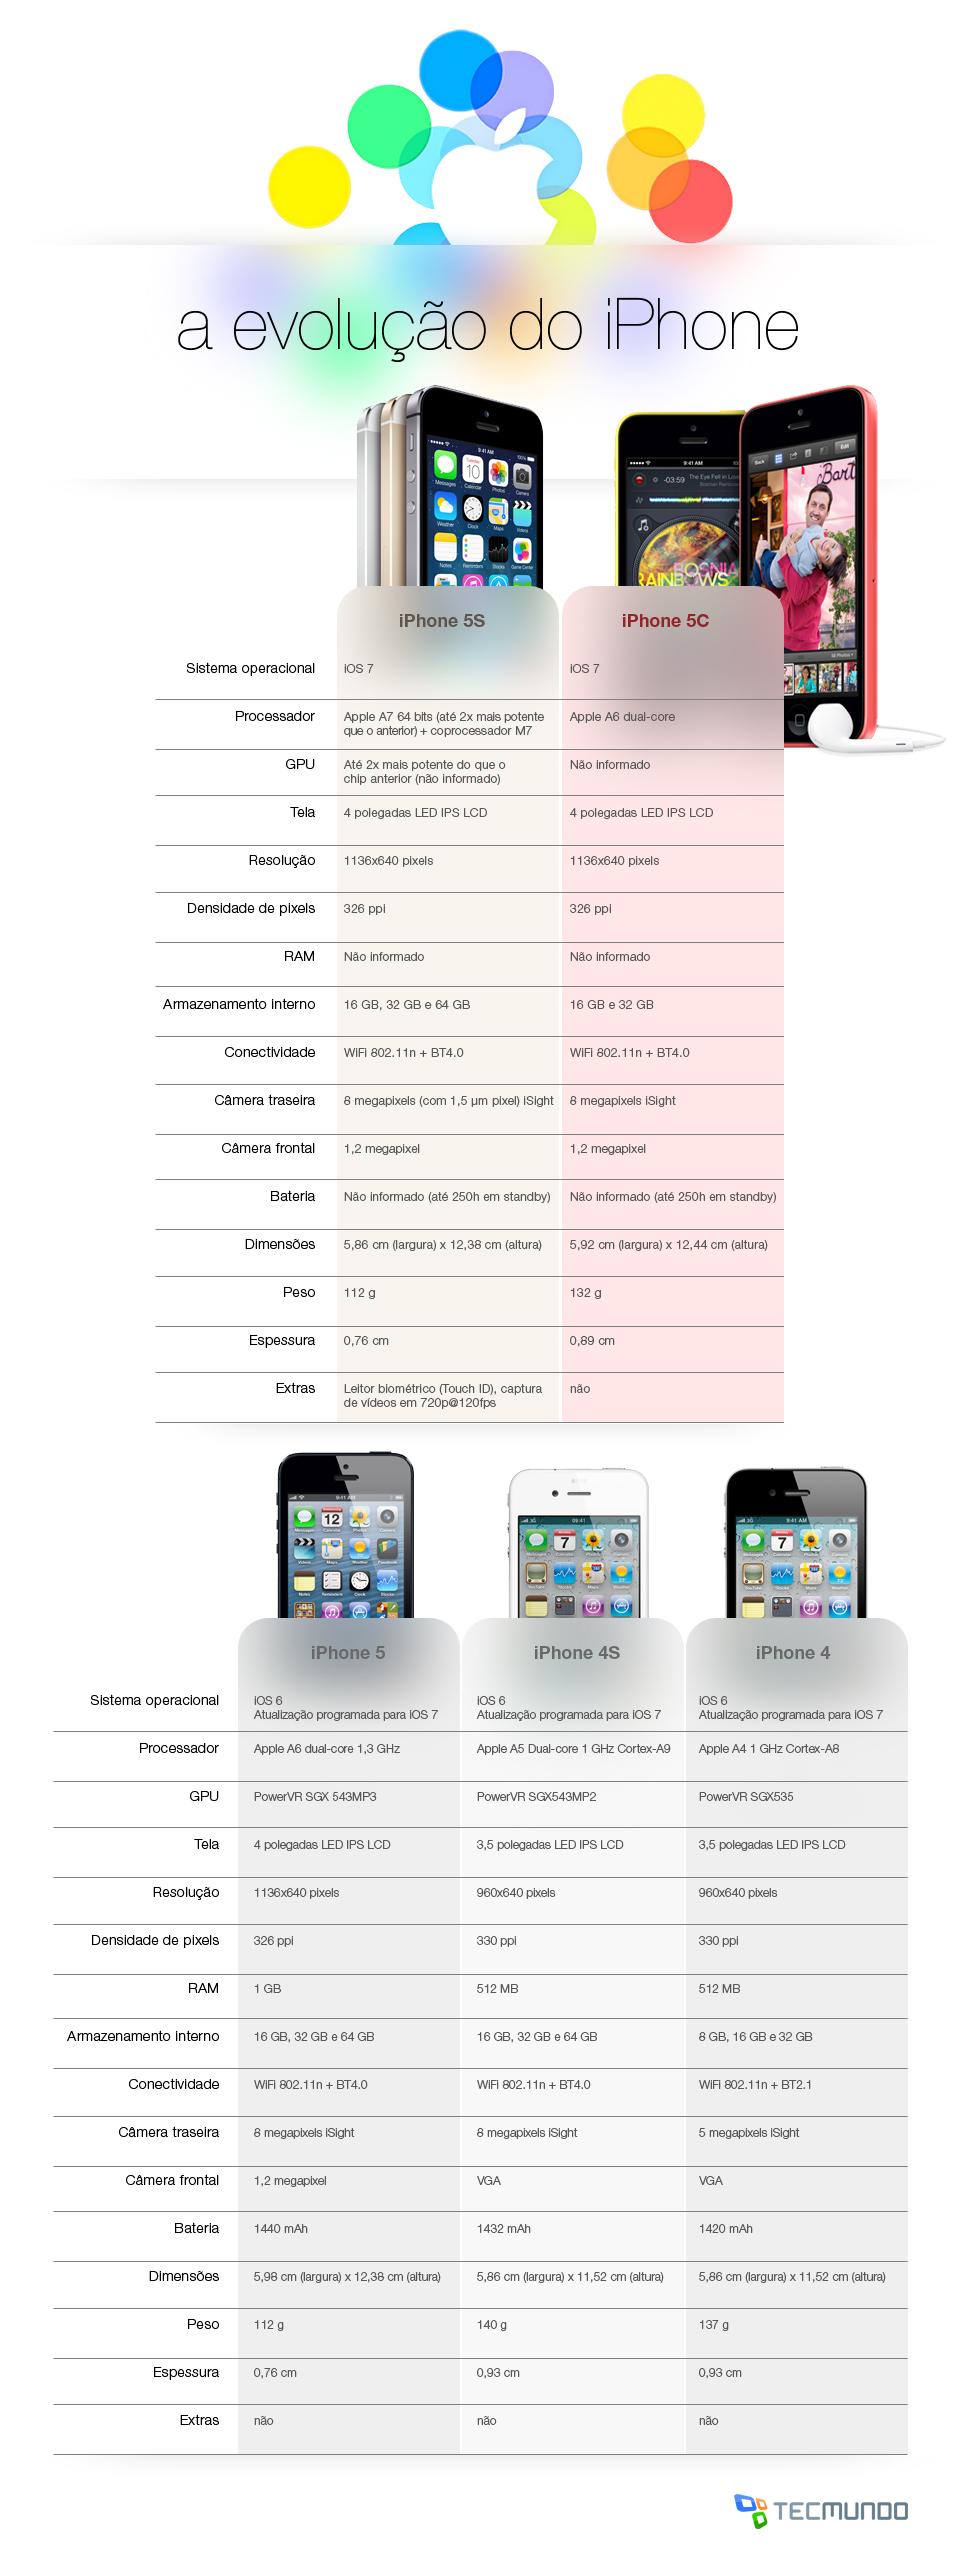 A evolução do iPhone: confira o salto das gerações mais recentes